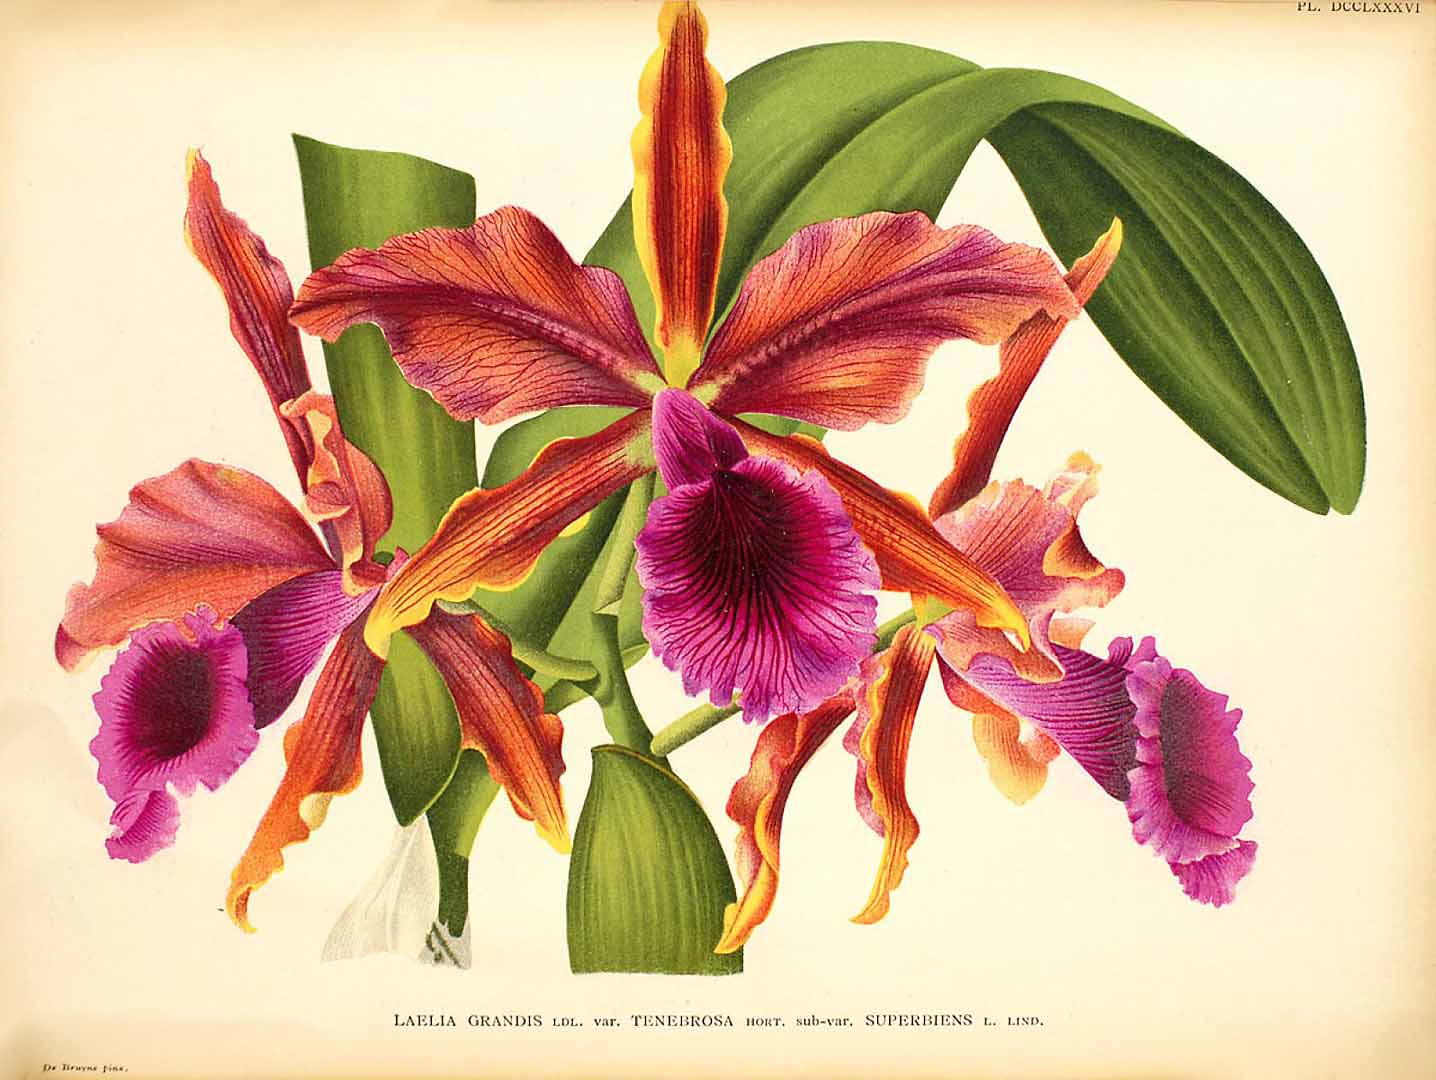 Orchidee… un mondo: webinar con Alberto Grossi, giovedì 12 agosto alle ore 21